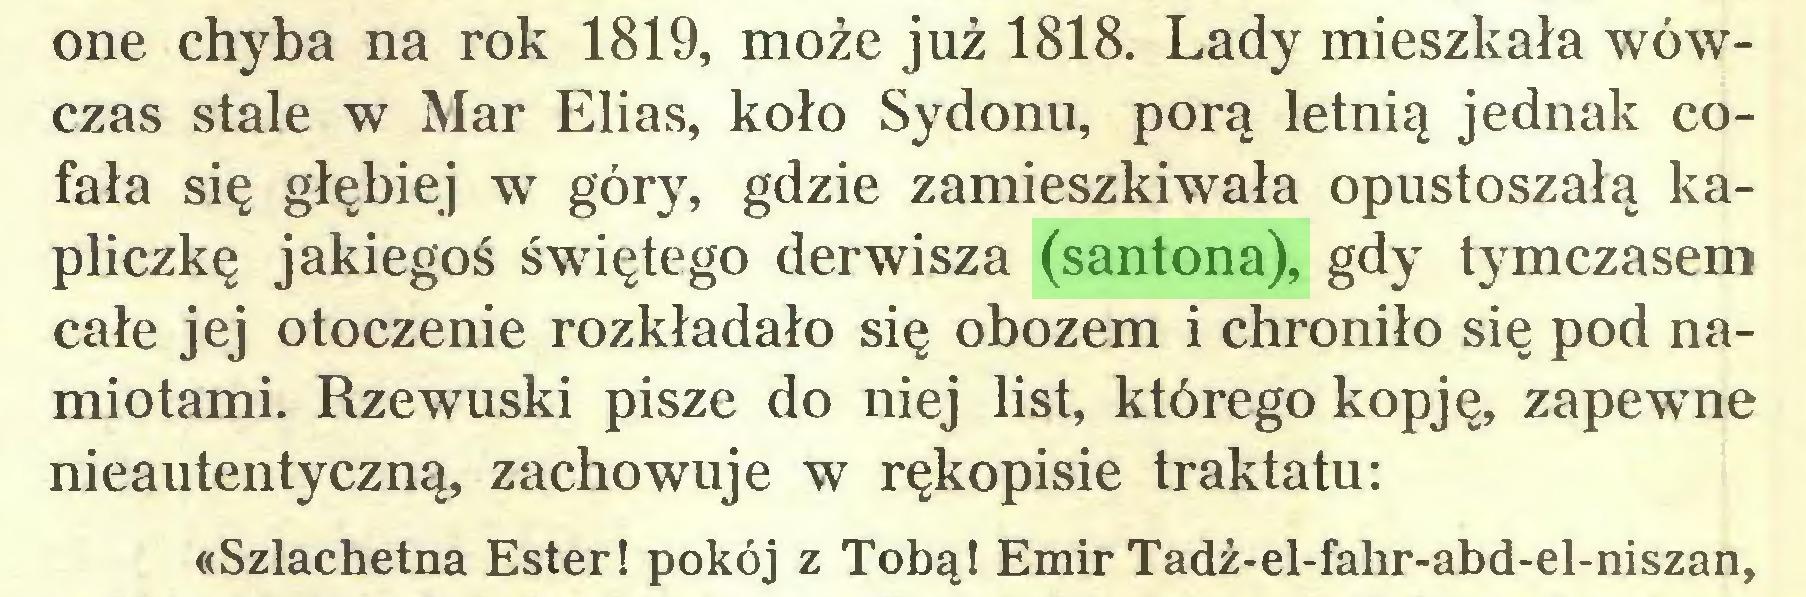 (...) one chyba na rok 1819, może już 1818. Lady mieszkała wówczas stale w Mar Elias, koło Sydonu, porą letnią jednak cofała się głębiej wr góry, gdzie zamieszkiwała opustoszałą kapliczkę jakiegoś świętego derwisza (santona), gdy tymczasem całe jej otoczenie rozkładało się obozem i chroniło się pod namiotami. Rzewuski pisze do niej list, którego kopję, zapewne nieautentyczną, zachowuje w rękopisie traktatu: «Szlachetna Ester! pokój z Tobą! Emir Tadż-el-fahr-abd-el-niszan,...